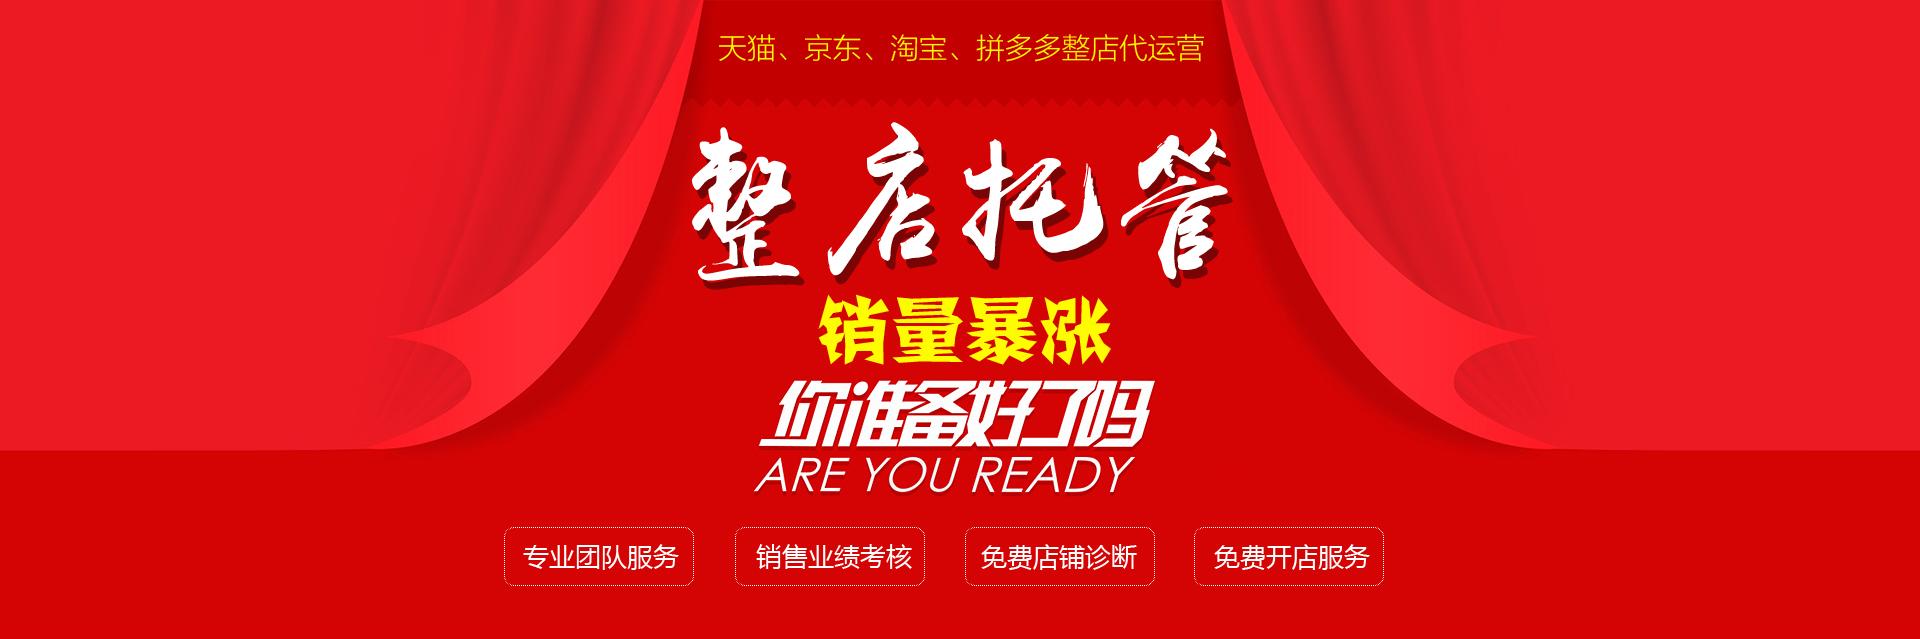 淘宝运营培训 淘宝代运营排名 广州市思淘网络科技有限公司